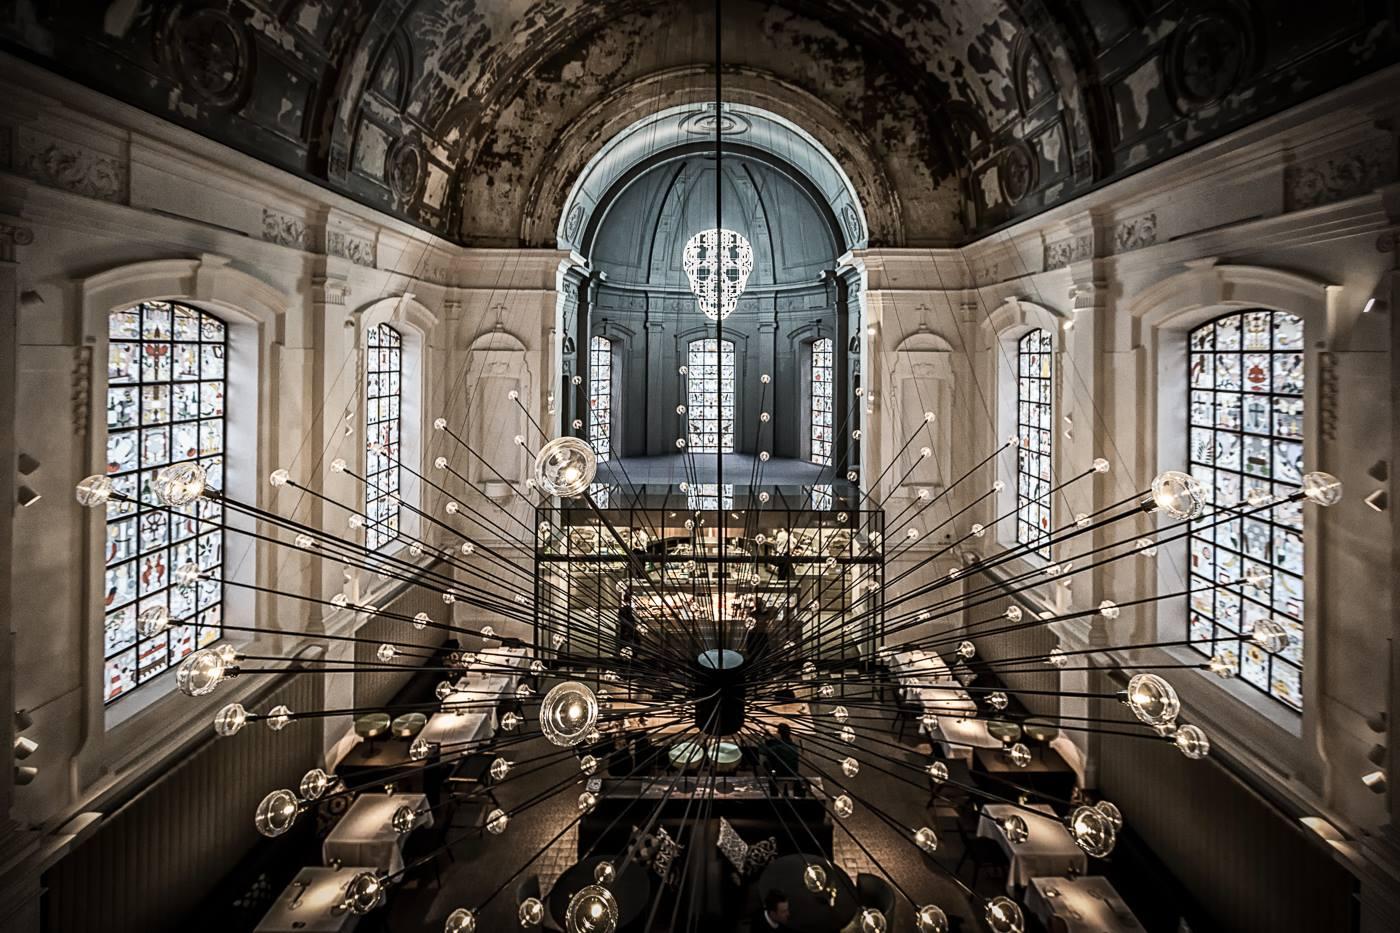 Restauracja w zabytkowej kaplicy